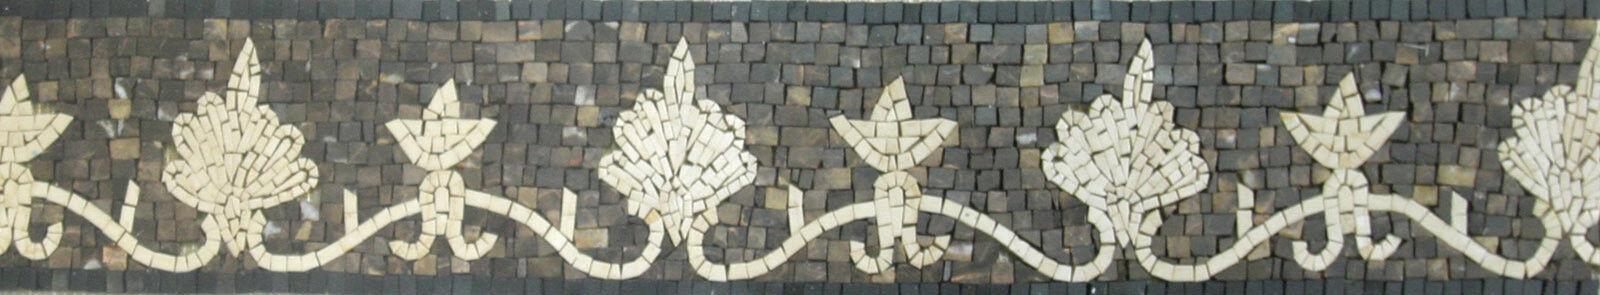 Tile Art Border Skirting Pool Garden Home Marble Mosaic BD513